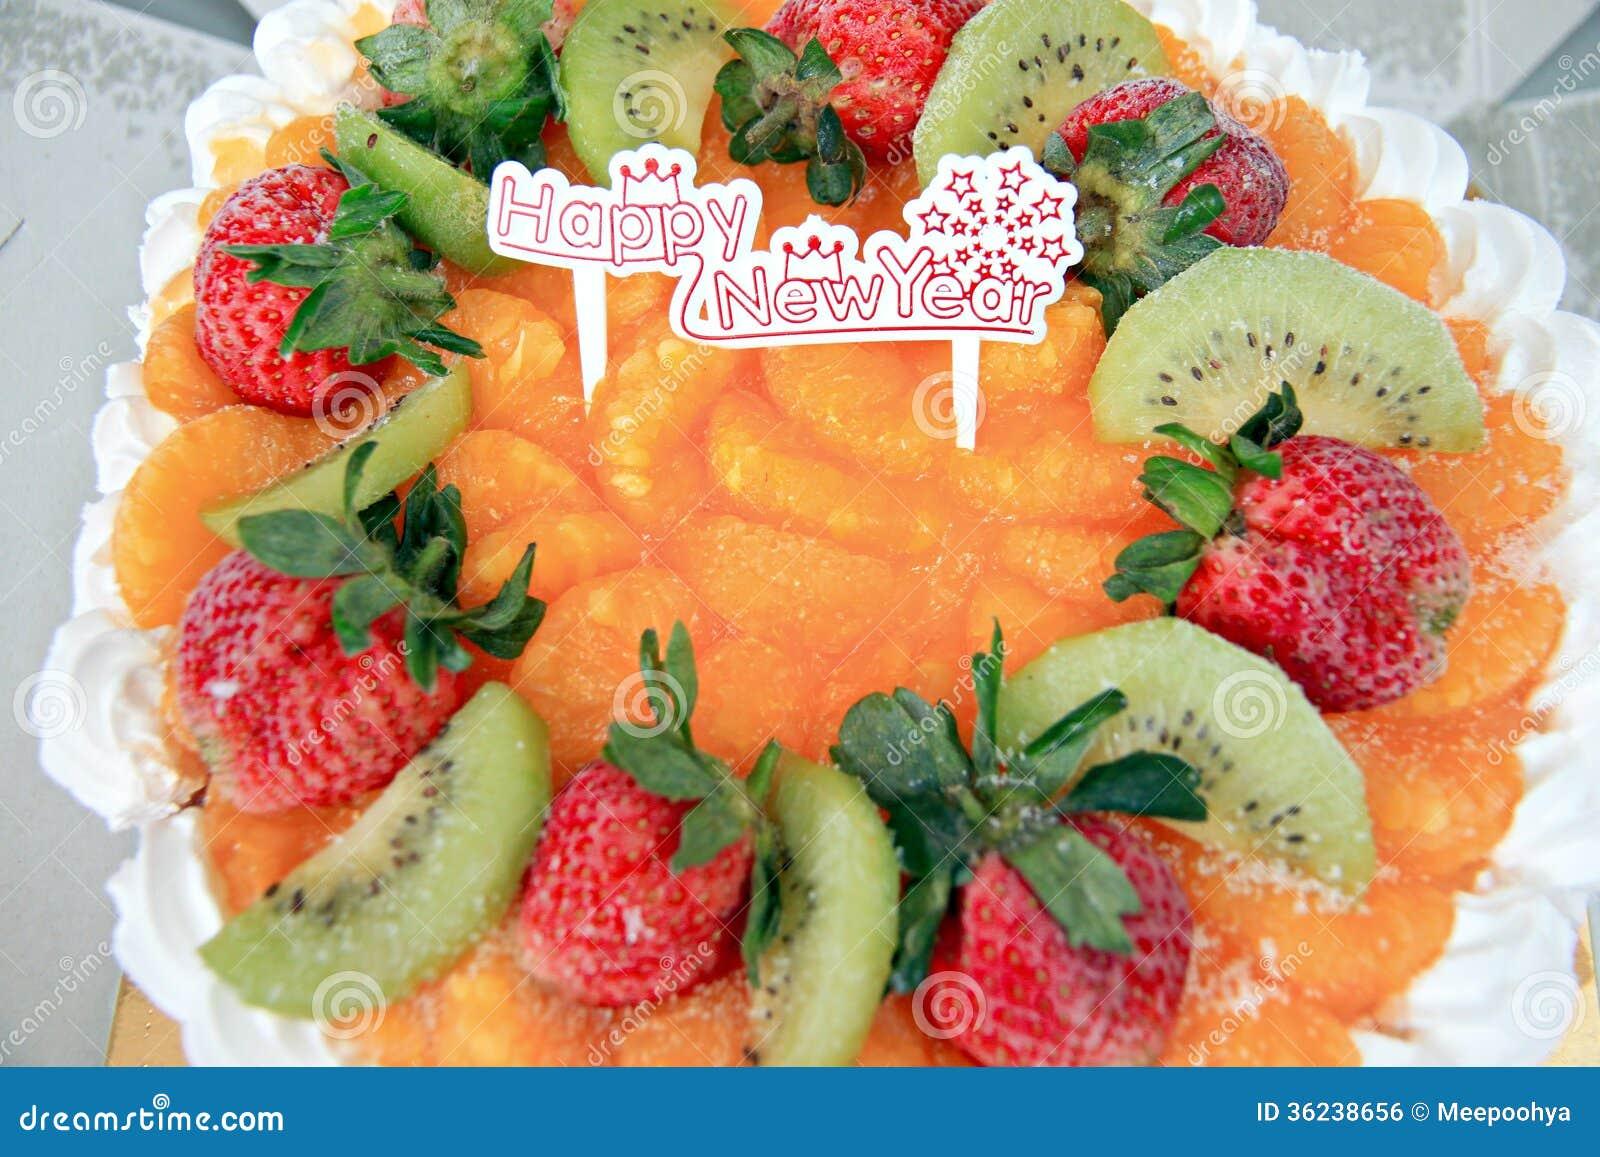 Ice Cream Fruit Cake. Royalty Free Stock Image - Image: 36238656